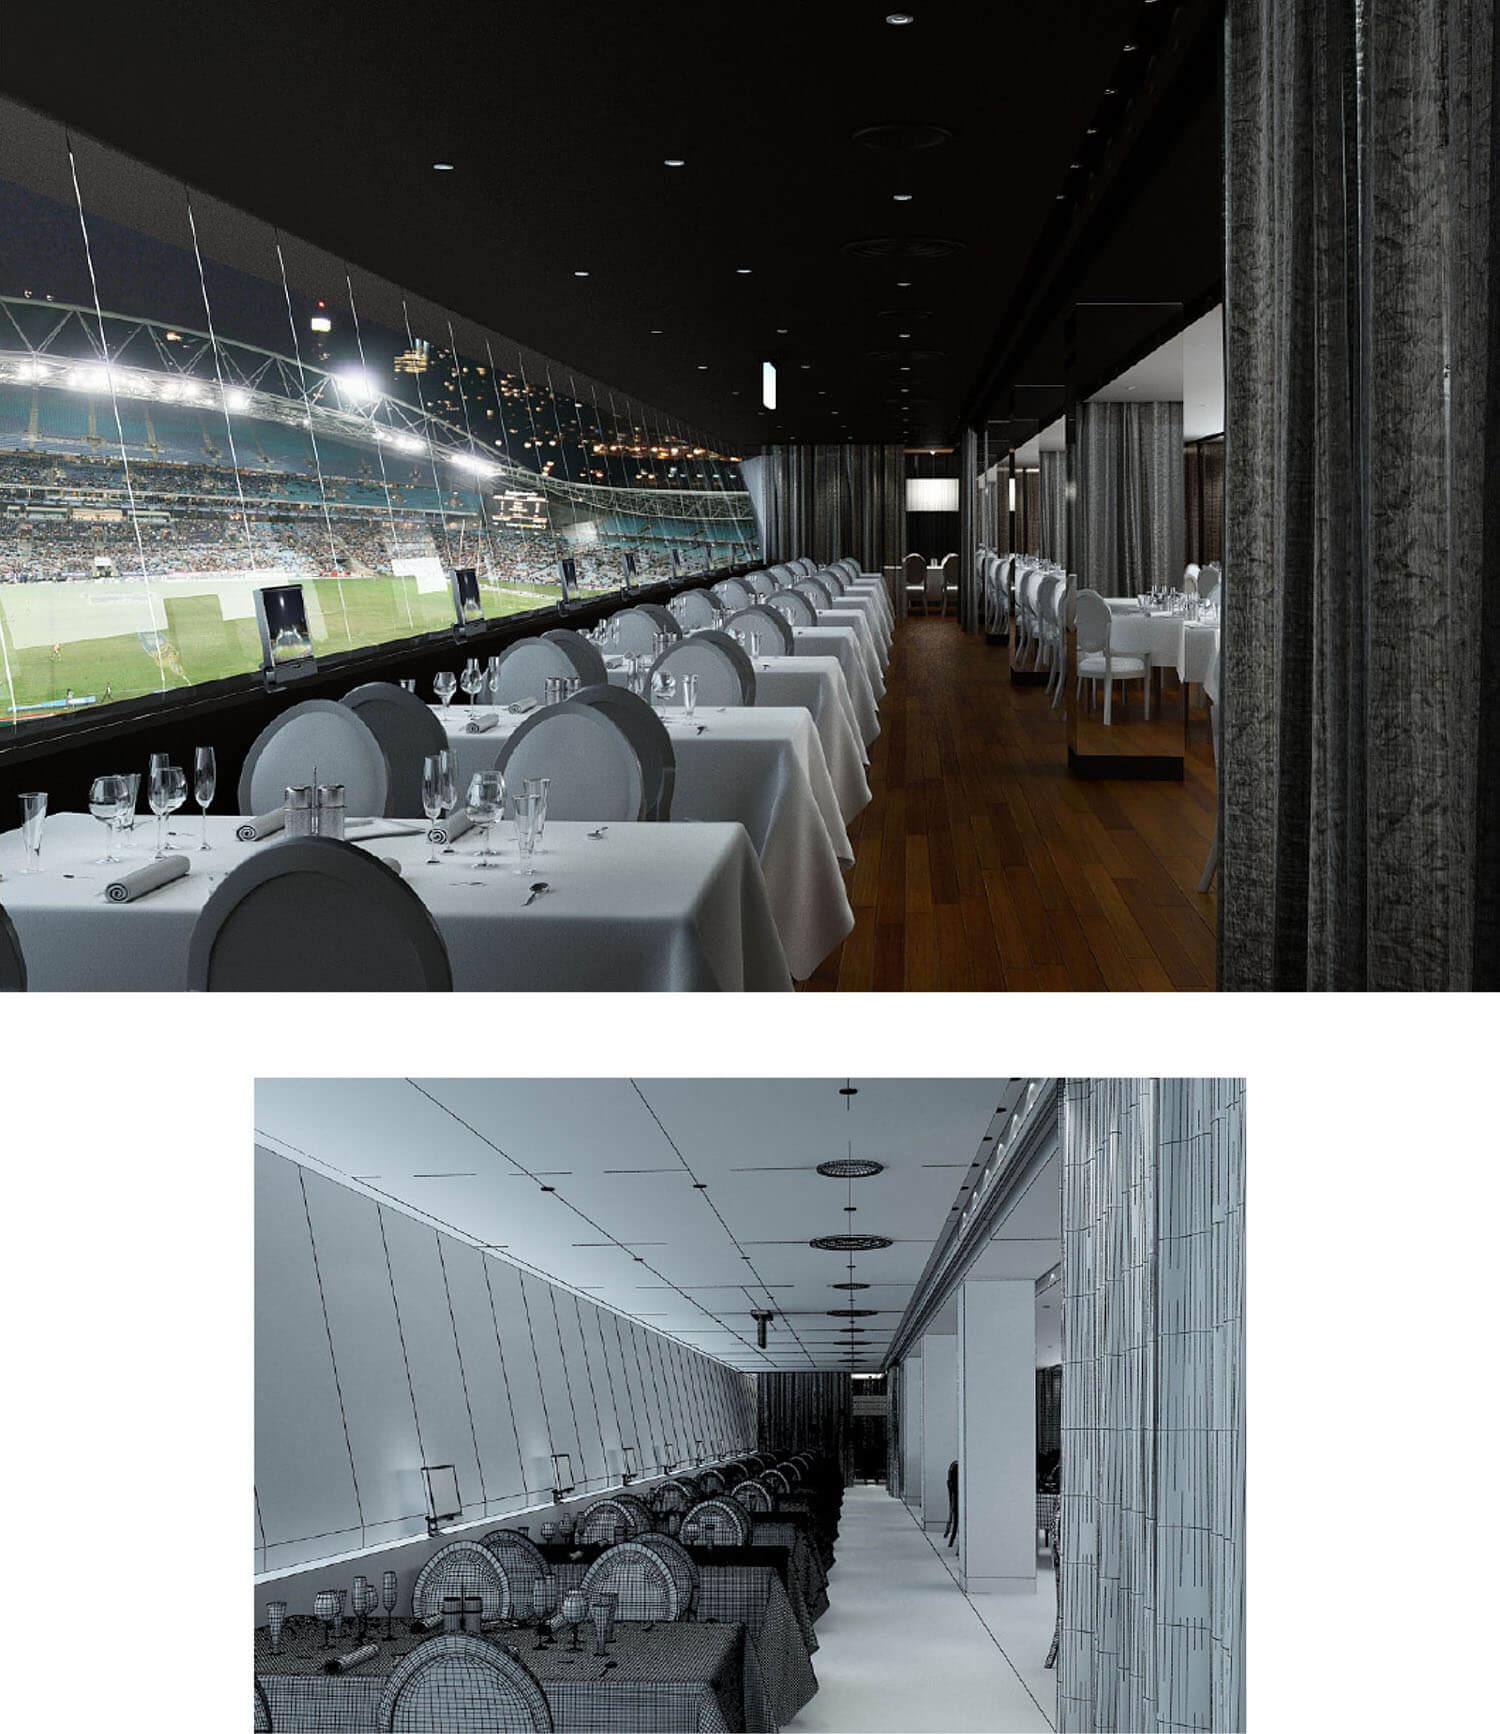 Không gian nội thất nhà hàng nhìn ra sân bóng đá